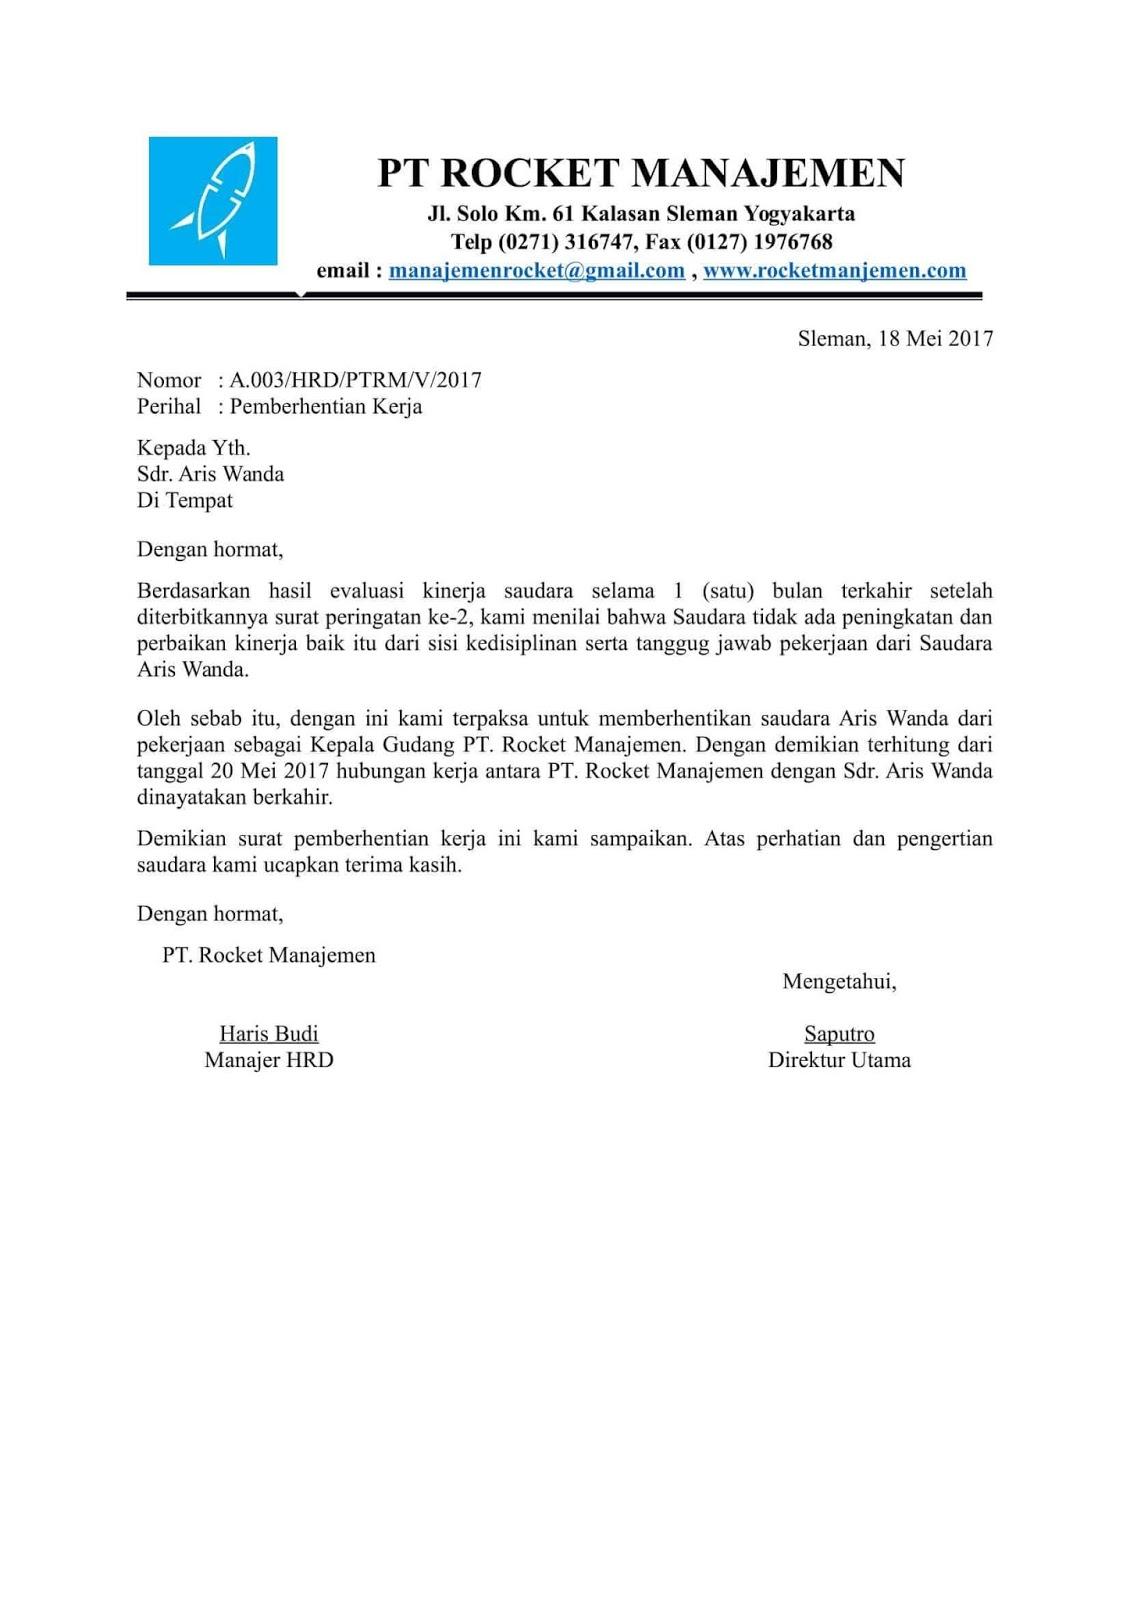 contoh surat phk karena kesalahan karyawan